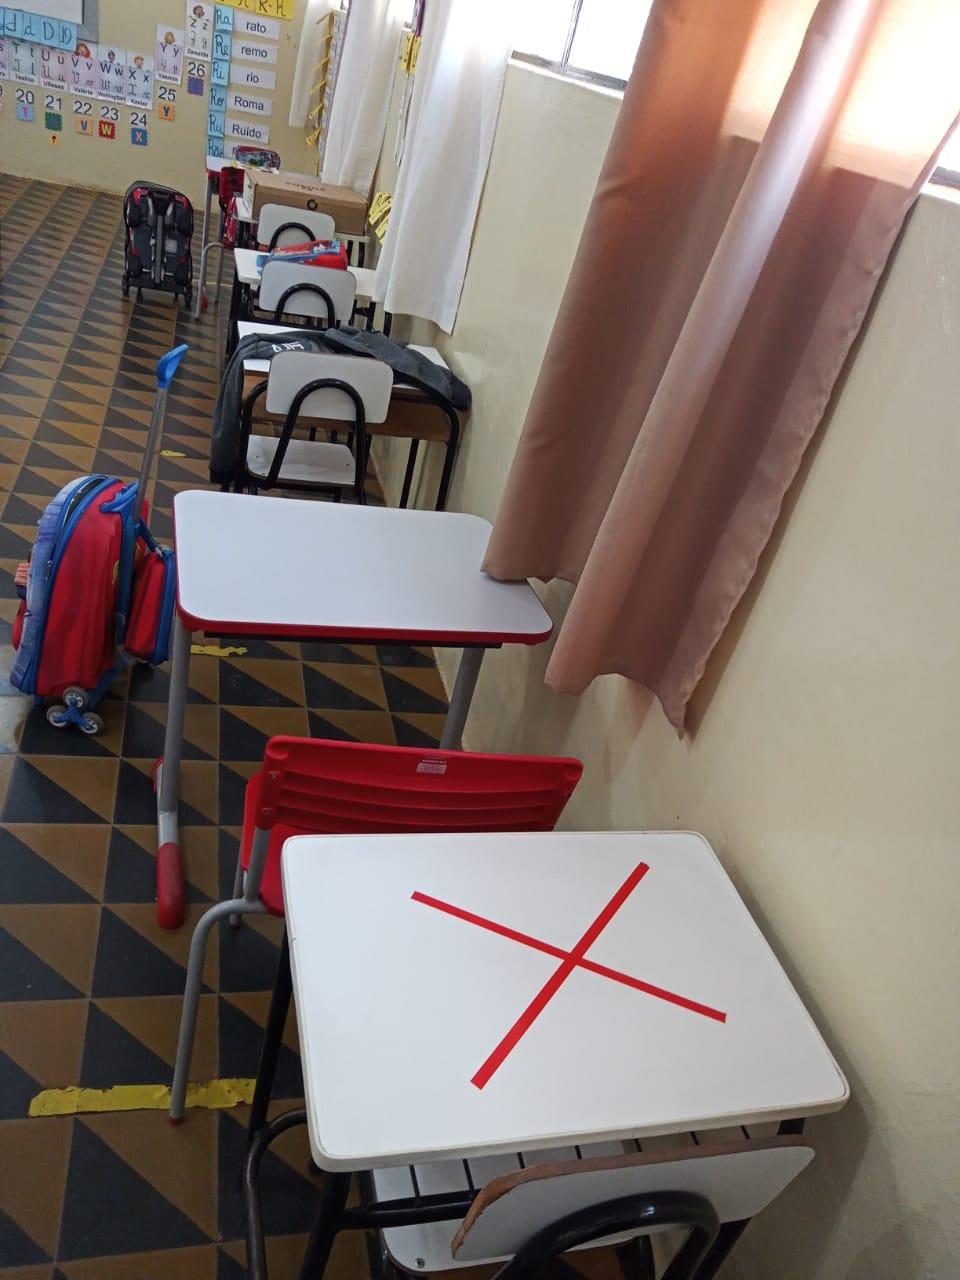 WhatsApp Image 2021 09 02 at 11.36.14 - Bar é autuado e três escolas são notificadas por descumprirem decreto contra a Covid-19 em João Pessoa